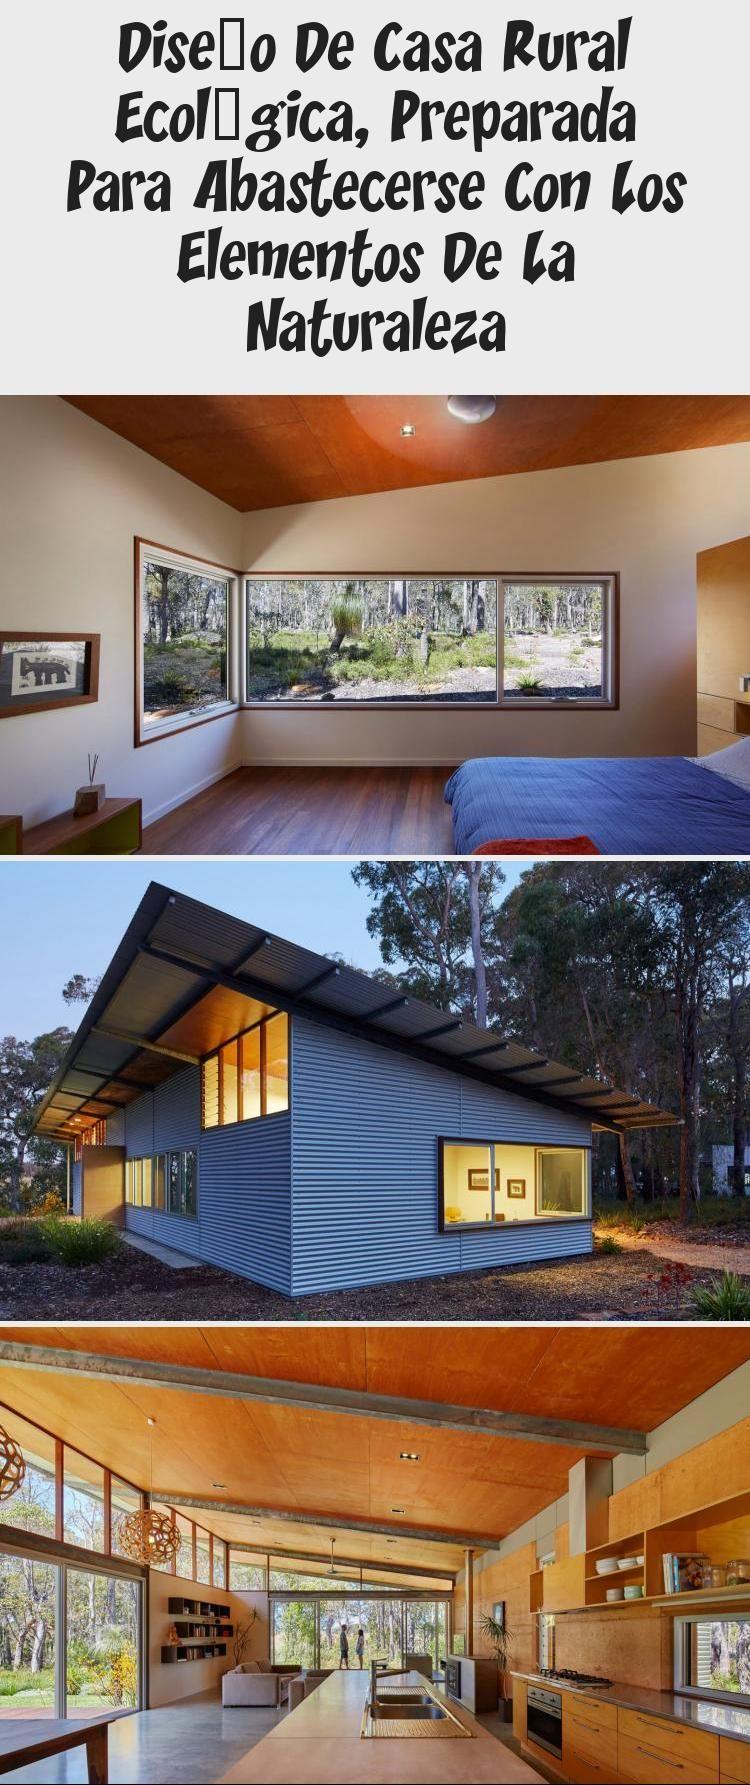 Diseño De Casa Rural Ecológica Preparada Para Abastecerse Con Los Elementos De La Naturaleza Const Sustainable Architecture House Styles Modern Architecture